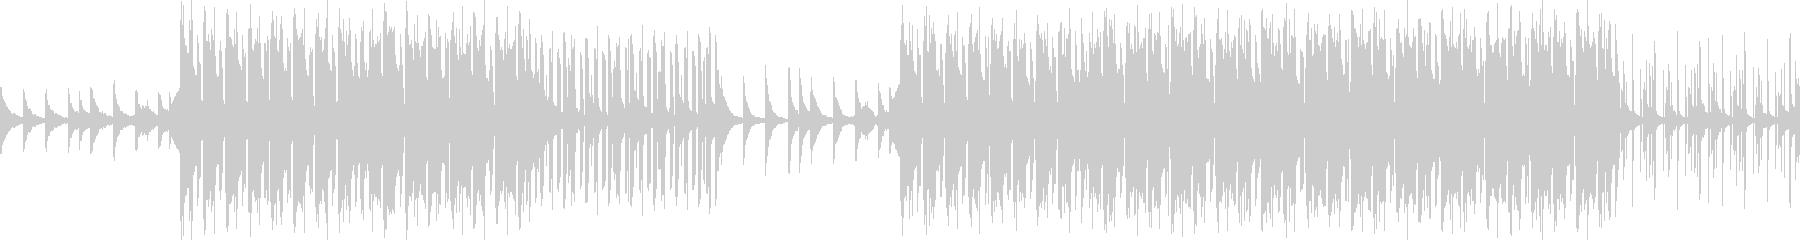 ループ可能・ダークなヒップホップビートの未再生の波形